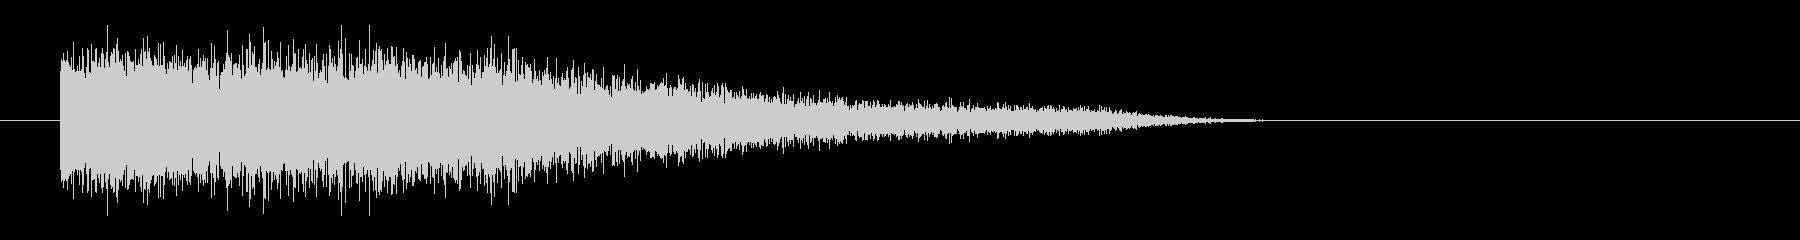 レーザー音-83-3の未再生の波形